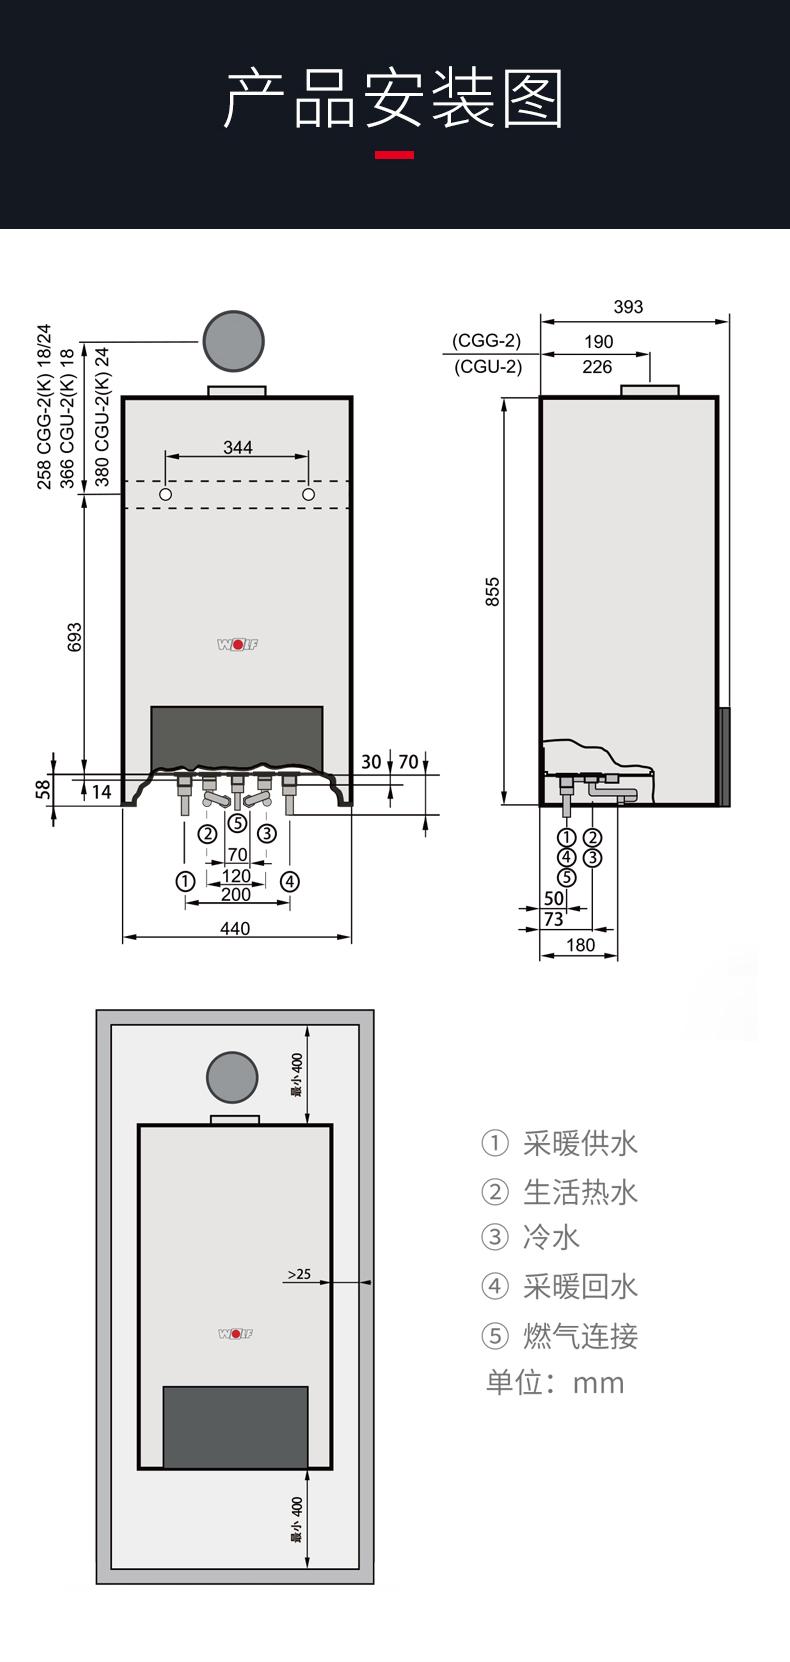 CGG-2K详情页(11月7日修改版)_06.jpg